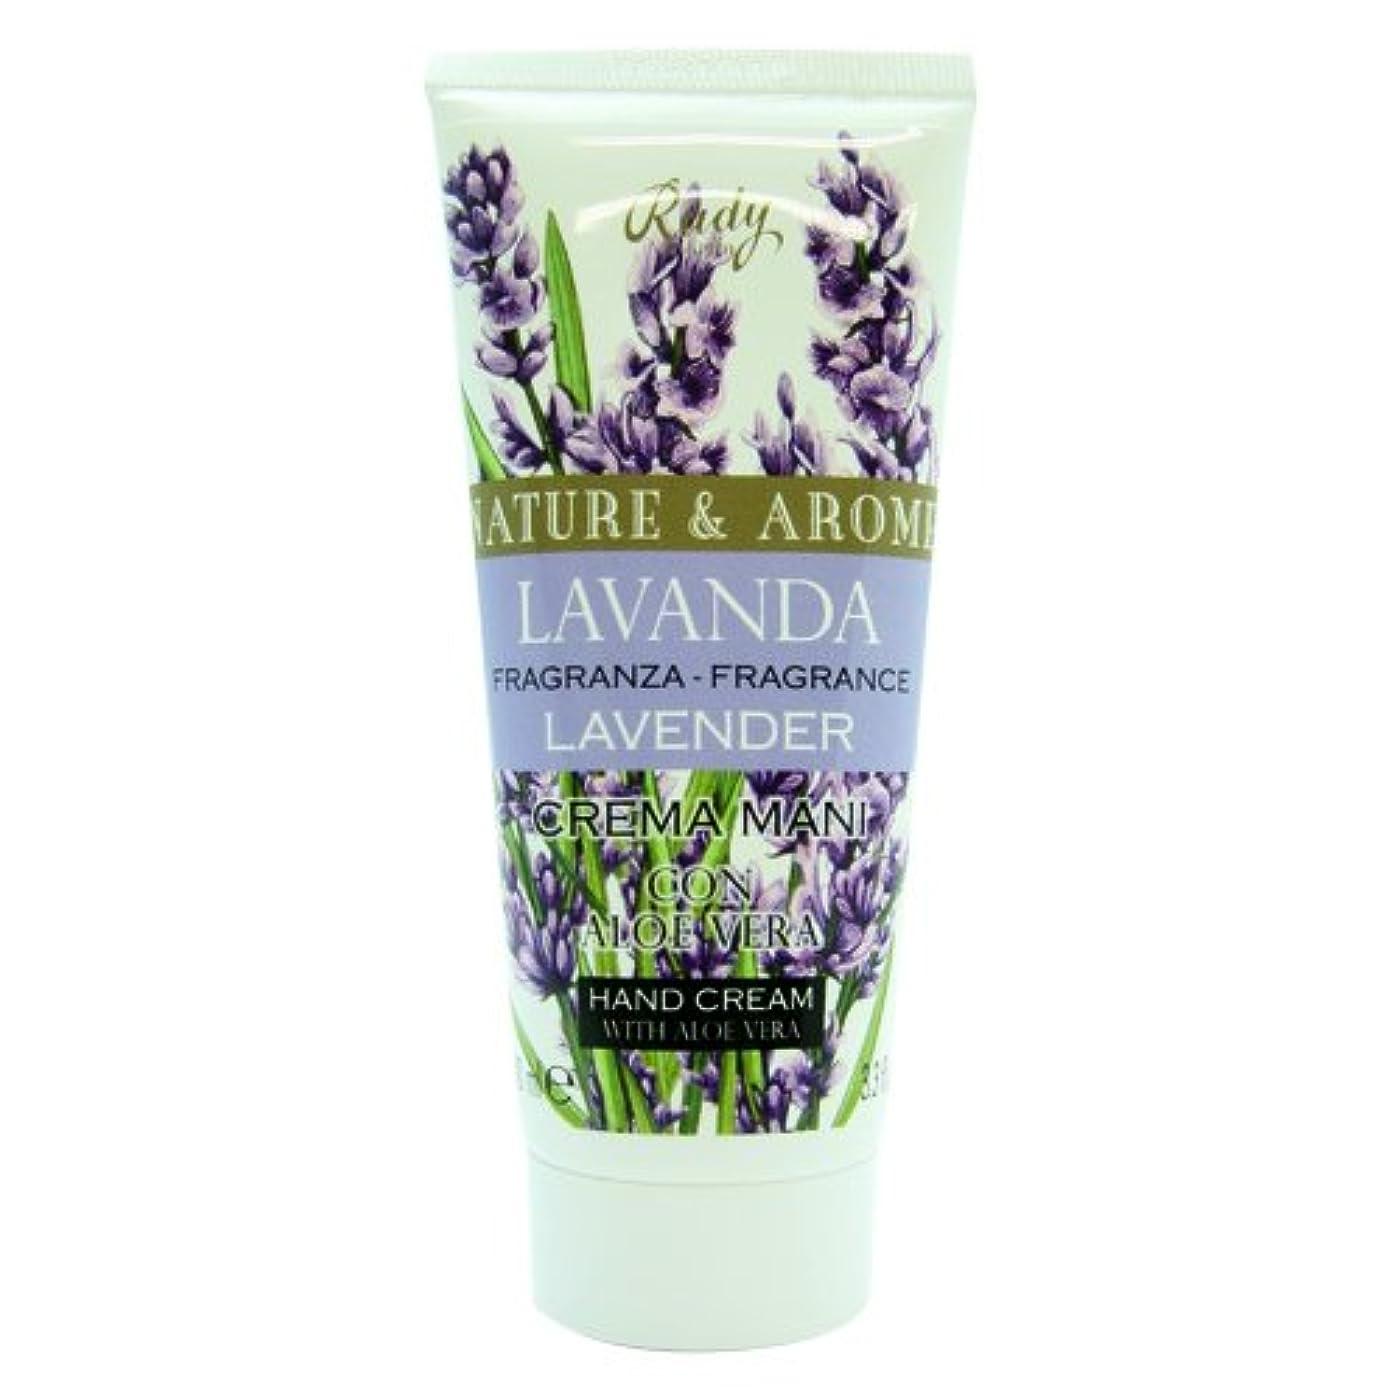 ミシン目ちっちゃい世界記録のギネスブックRUDY Nature&Arome SERIES ルディ ナチュール&アロマ Hand Cream ハンドクリーム  Lavender ラベンダー